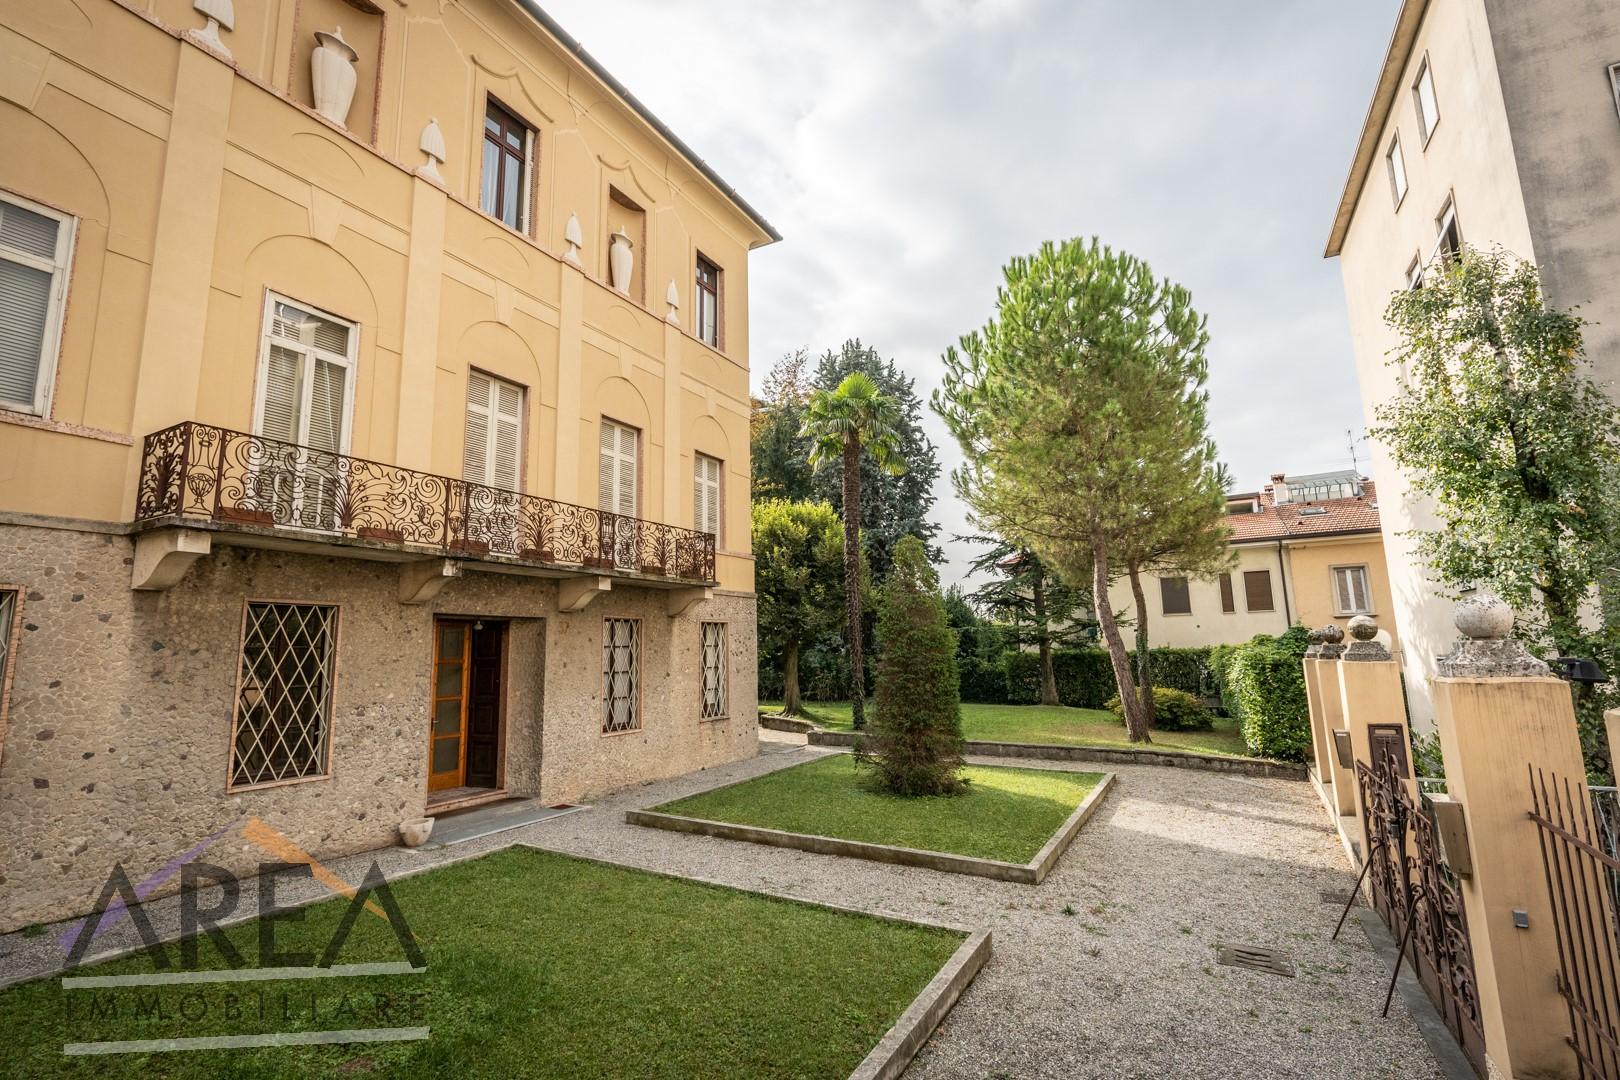 Conca D'oro appartamento in villa